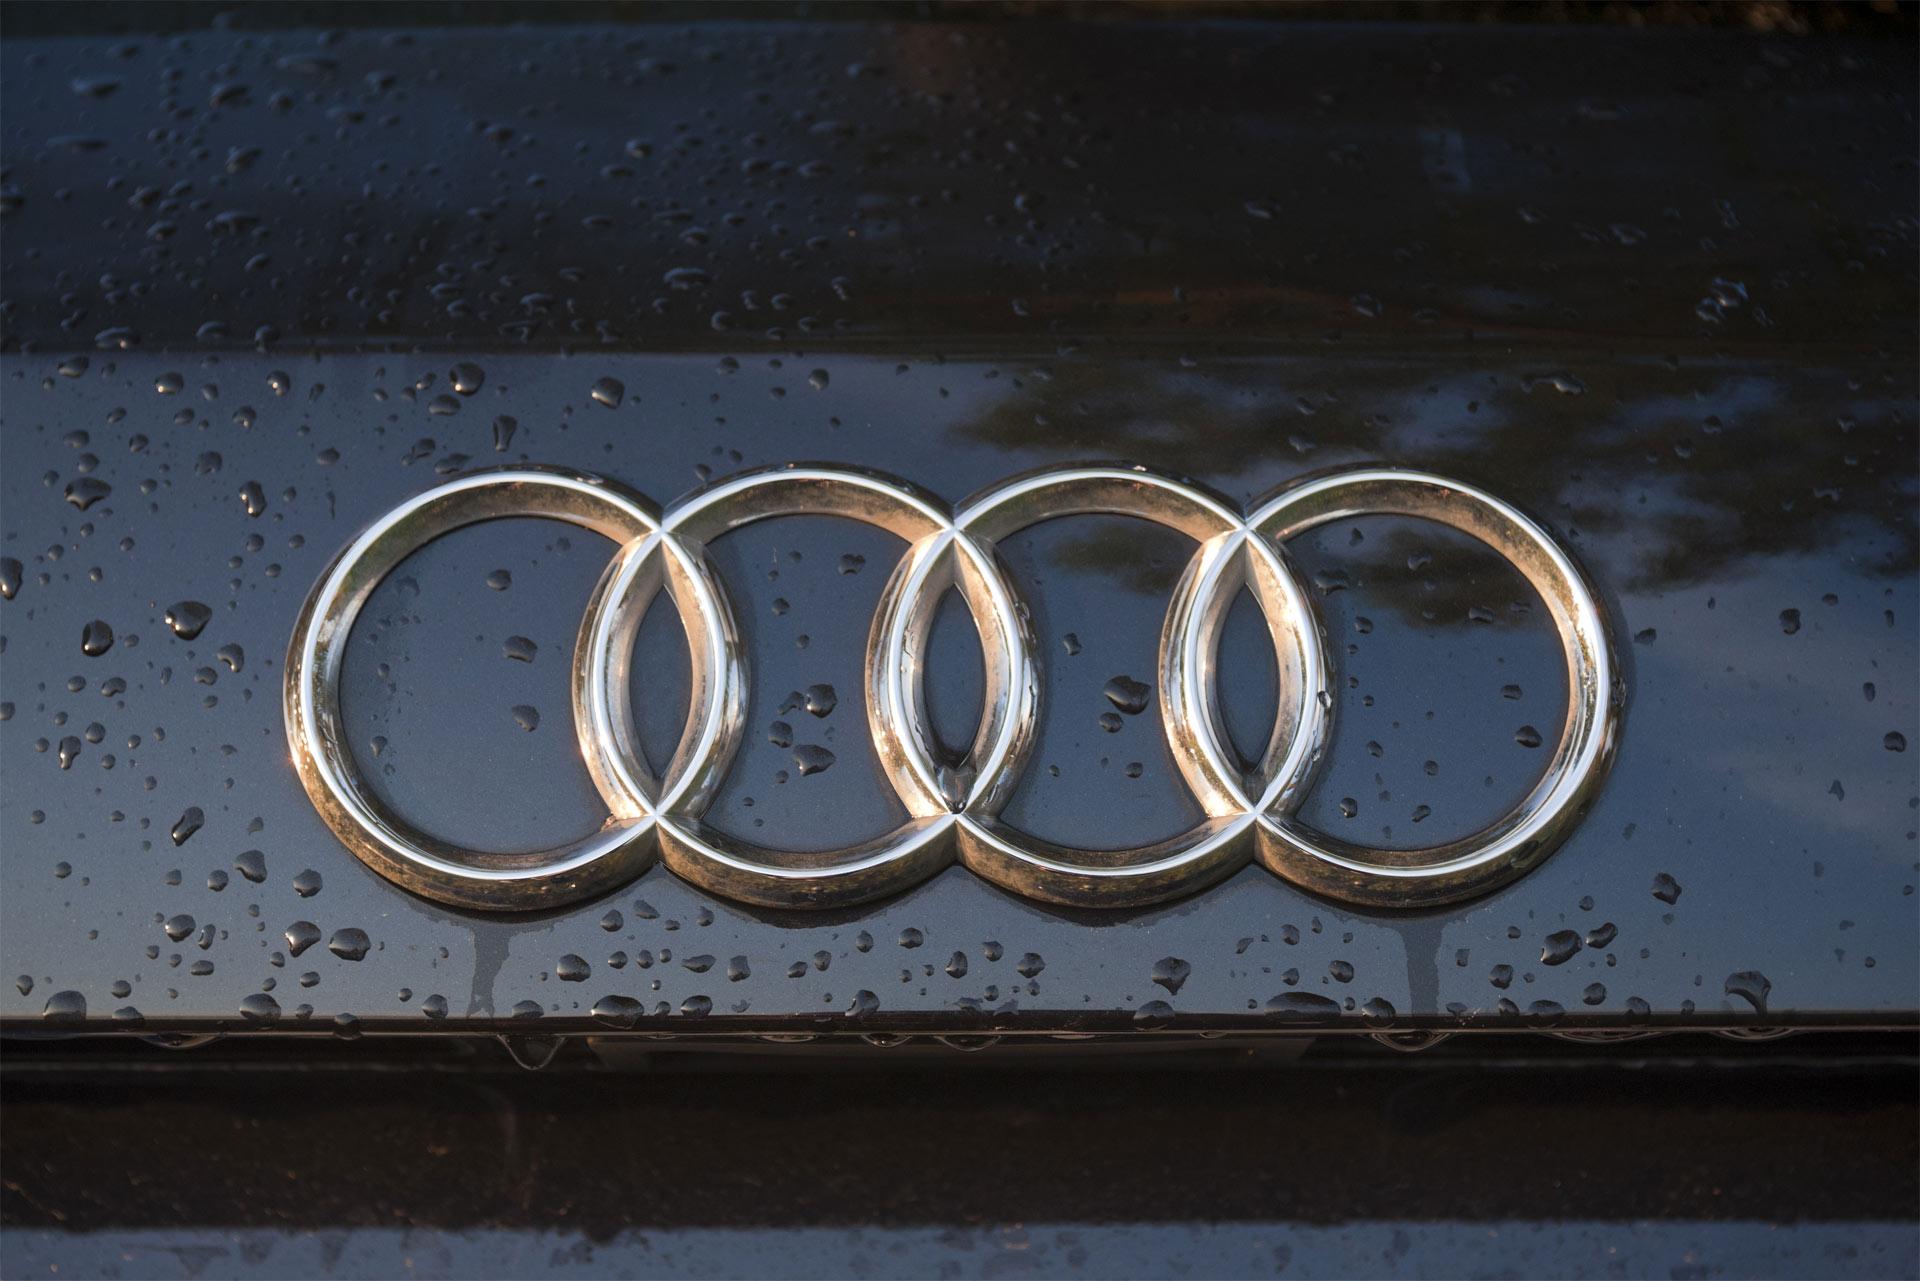 La empresa superó su récord de carros vendidos, gracias a la gran demanda en Europa y Estados Unidos